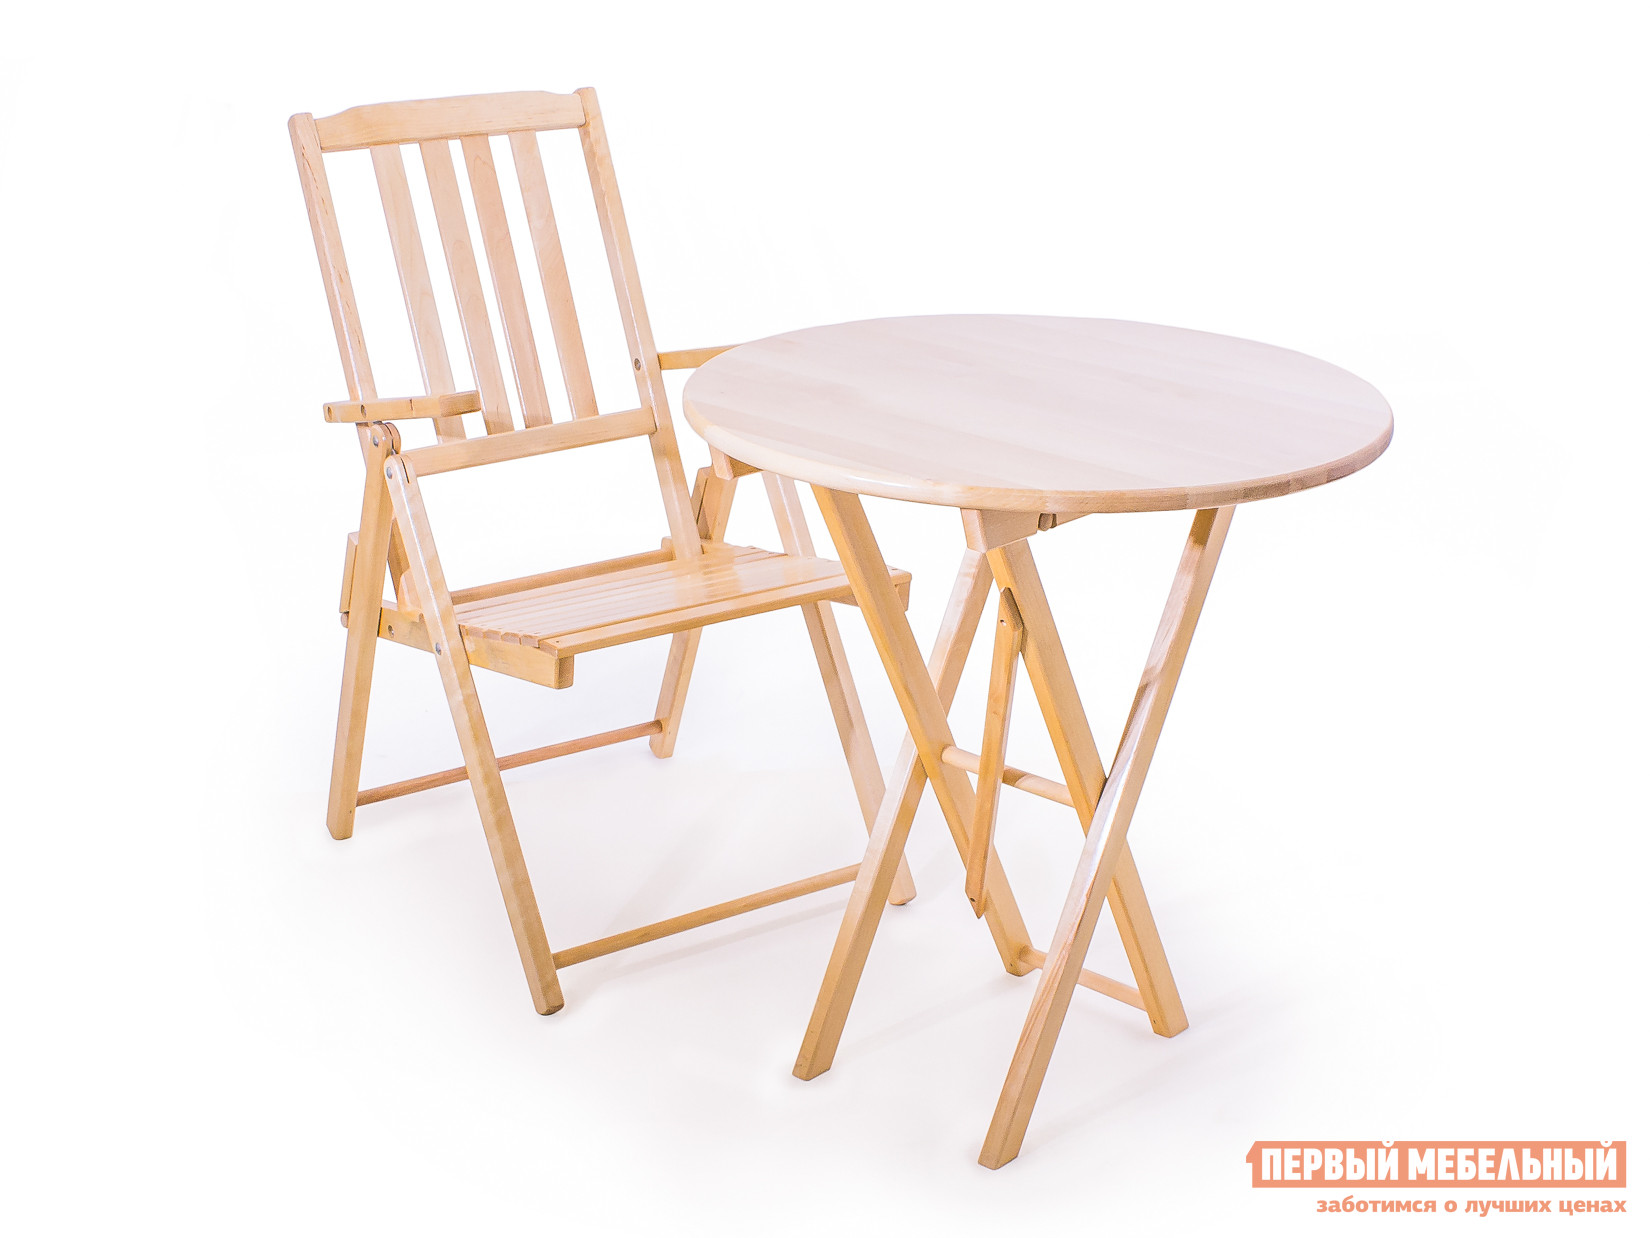 Комплект садовой мебели СМКА Комфорт СМ047Б+СМ012Б БерезаКомплекты садовой мебели<br>Габаритные размеры ВхШхГ xx мм. Комил Любава — комплект садовой мебели, состоящий из стола и одного стула.  В качестве материала изделий использована натуральная береза с влагостойким покрытием.  Благодаря такой обработке деревянной поверхности, элементы интерьера надолго сохраняют первоначальный внешний вид, не подвергаются разбуханию, повреждениям и развитию опасных бактерий, включая плесень. Размер стола в сложенном виде — 1010х80х700 мм. Диаметр столешницы — 700 мм. Параметры стула в сложенном виде — 910х530х210 мм.<br><br>Цвет: Светлое дерево<br>Кол-во упаковок: 2<br>Форма поставки: В собранном виде<br>Срок гарантии: 1 год<br>Тип: Складные<br>Тип: С обеденным столом<br>Тип: Со стульями<br>Материал: Массив дерева<br>Порода дерева: Береза<br>С подлокотниками: Да